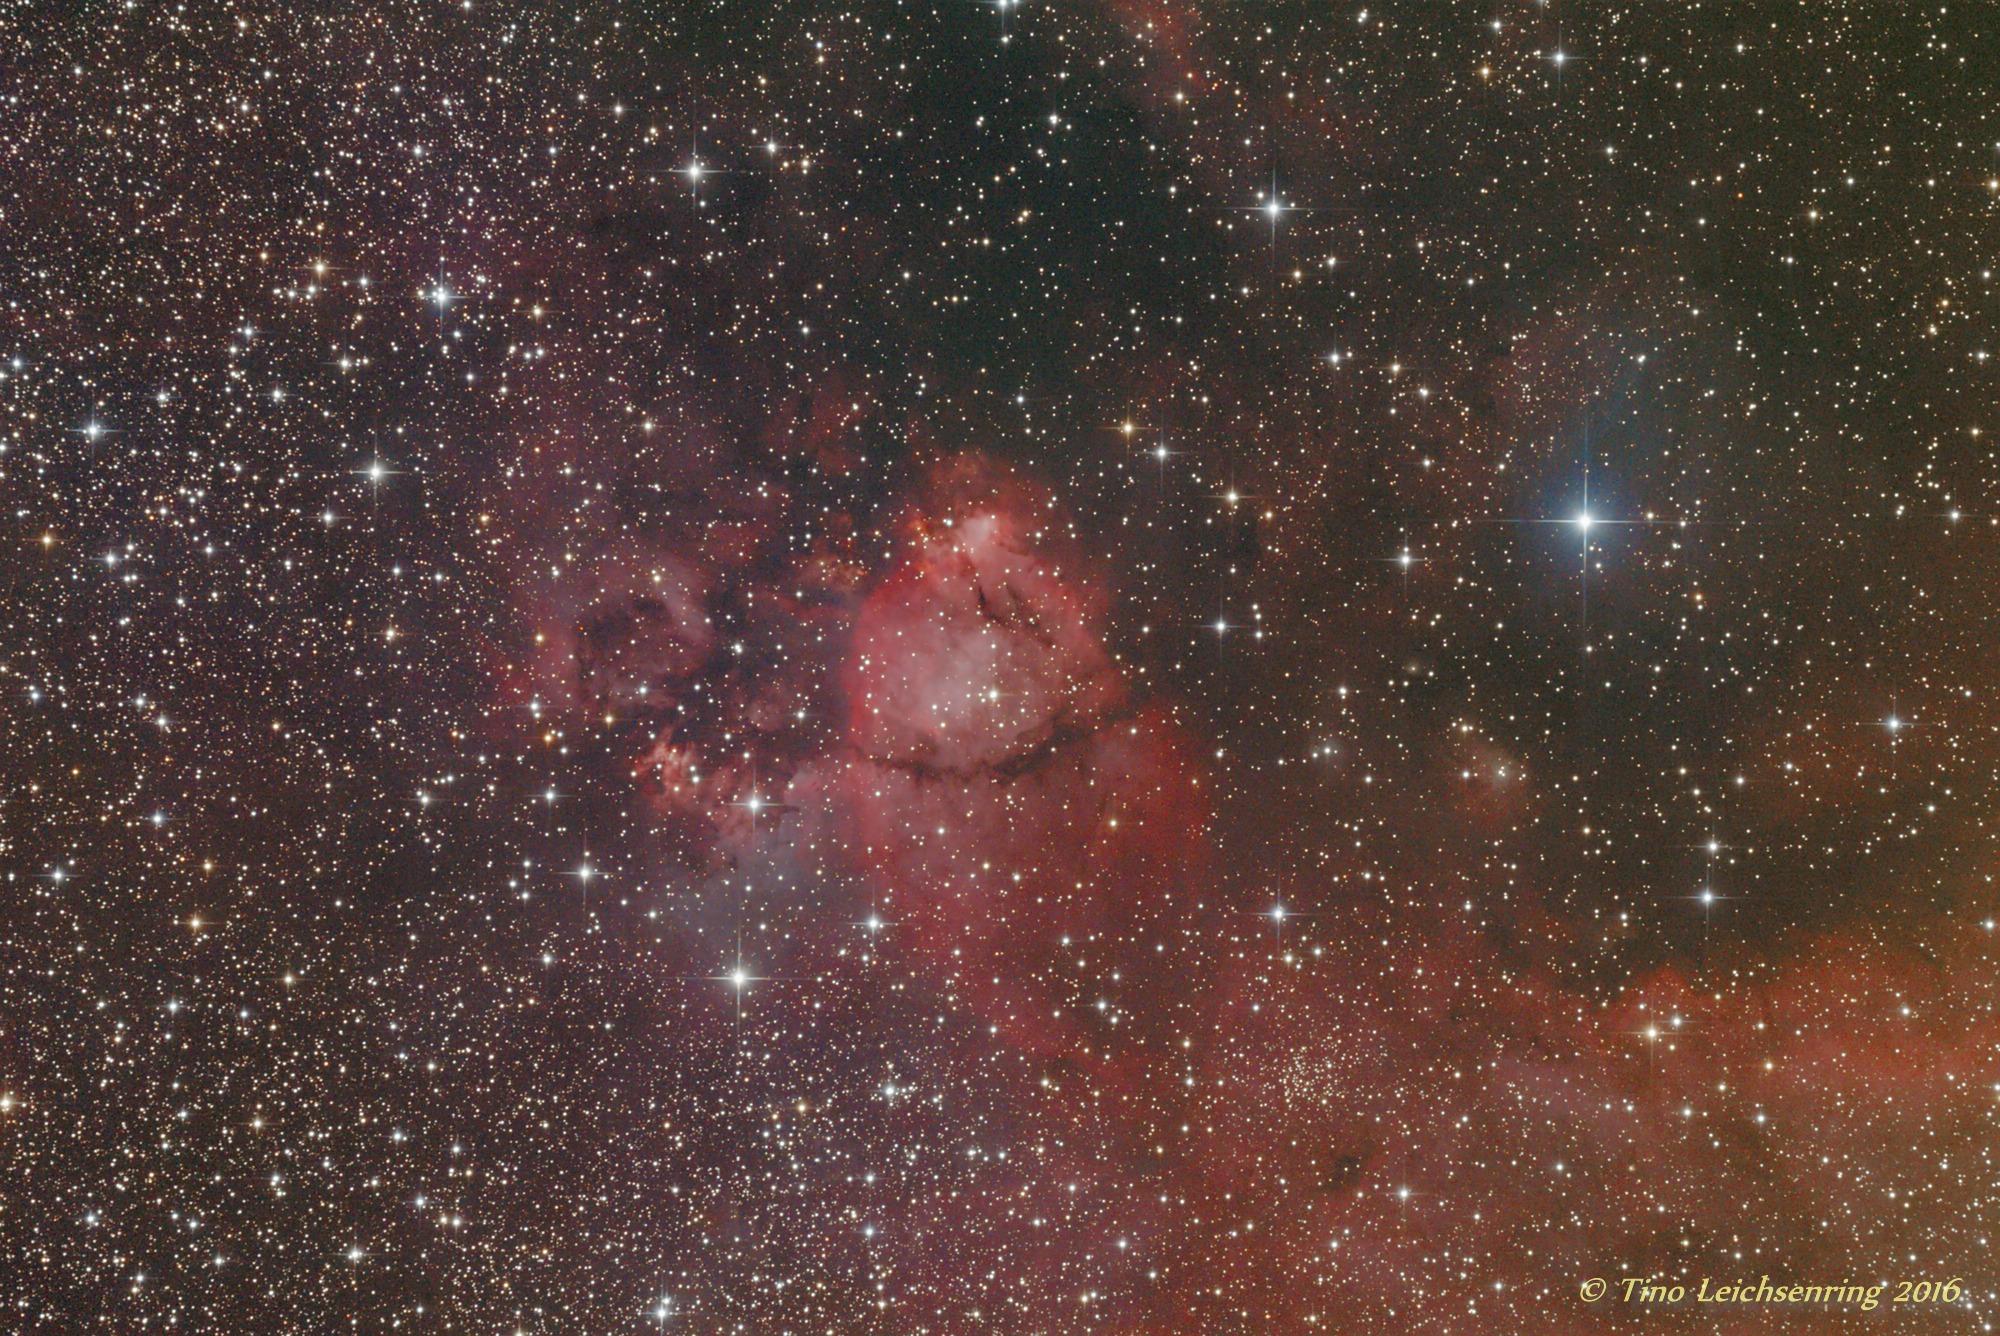 NGC896_17.HTT_29.und 30.09.2016_ISO 400_17 Fotos a'15min_Gesamtbelichtung 4h15min_final_klein